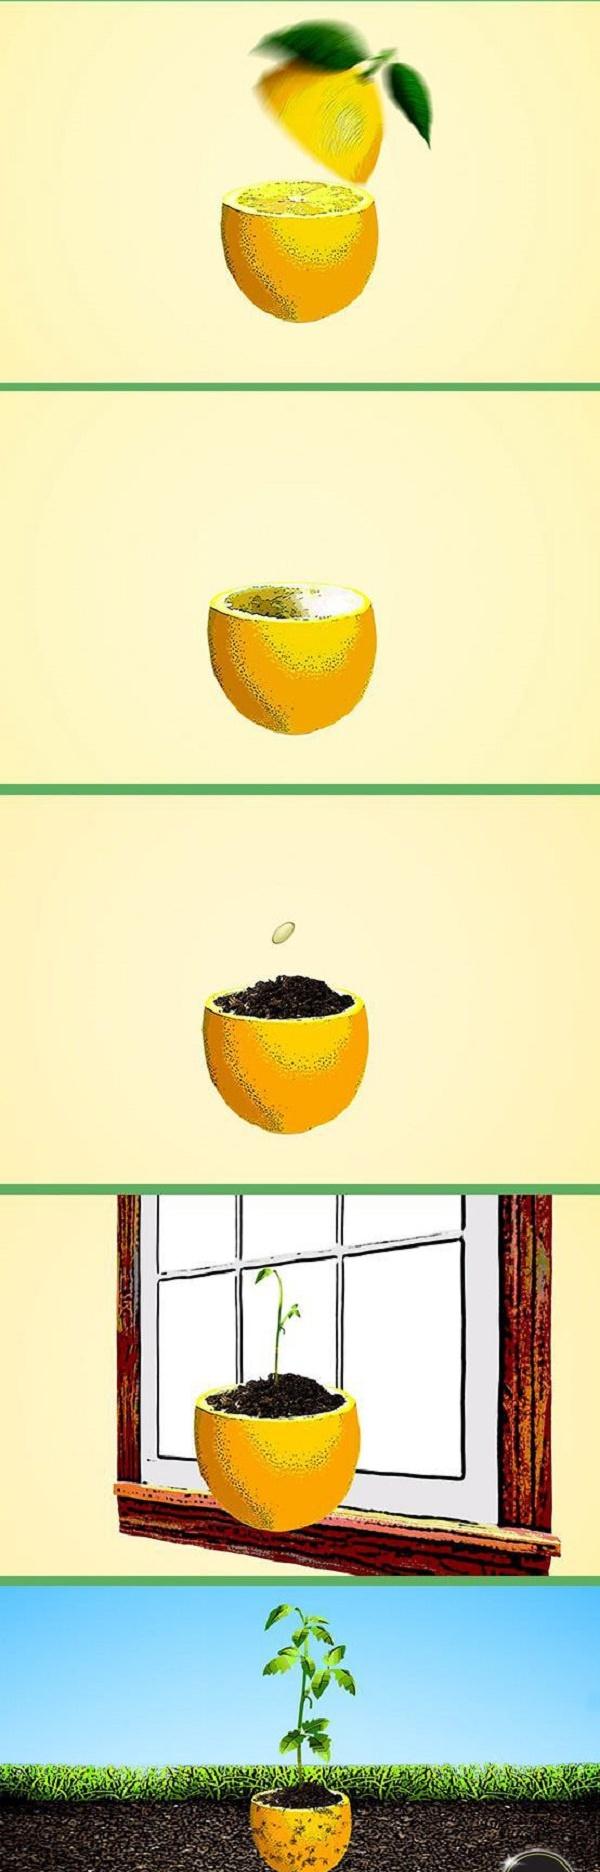 10 cách tự làm khay trồng hạt giống siêu tiện lợi và tiết kiệm dành cho những ai yêu làm vườn - Ảnh 1.